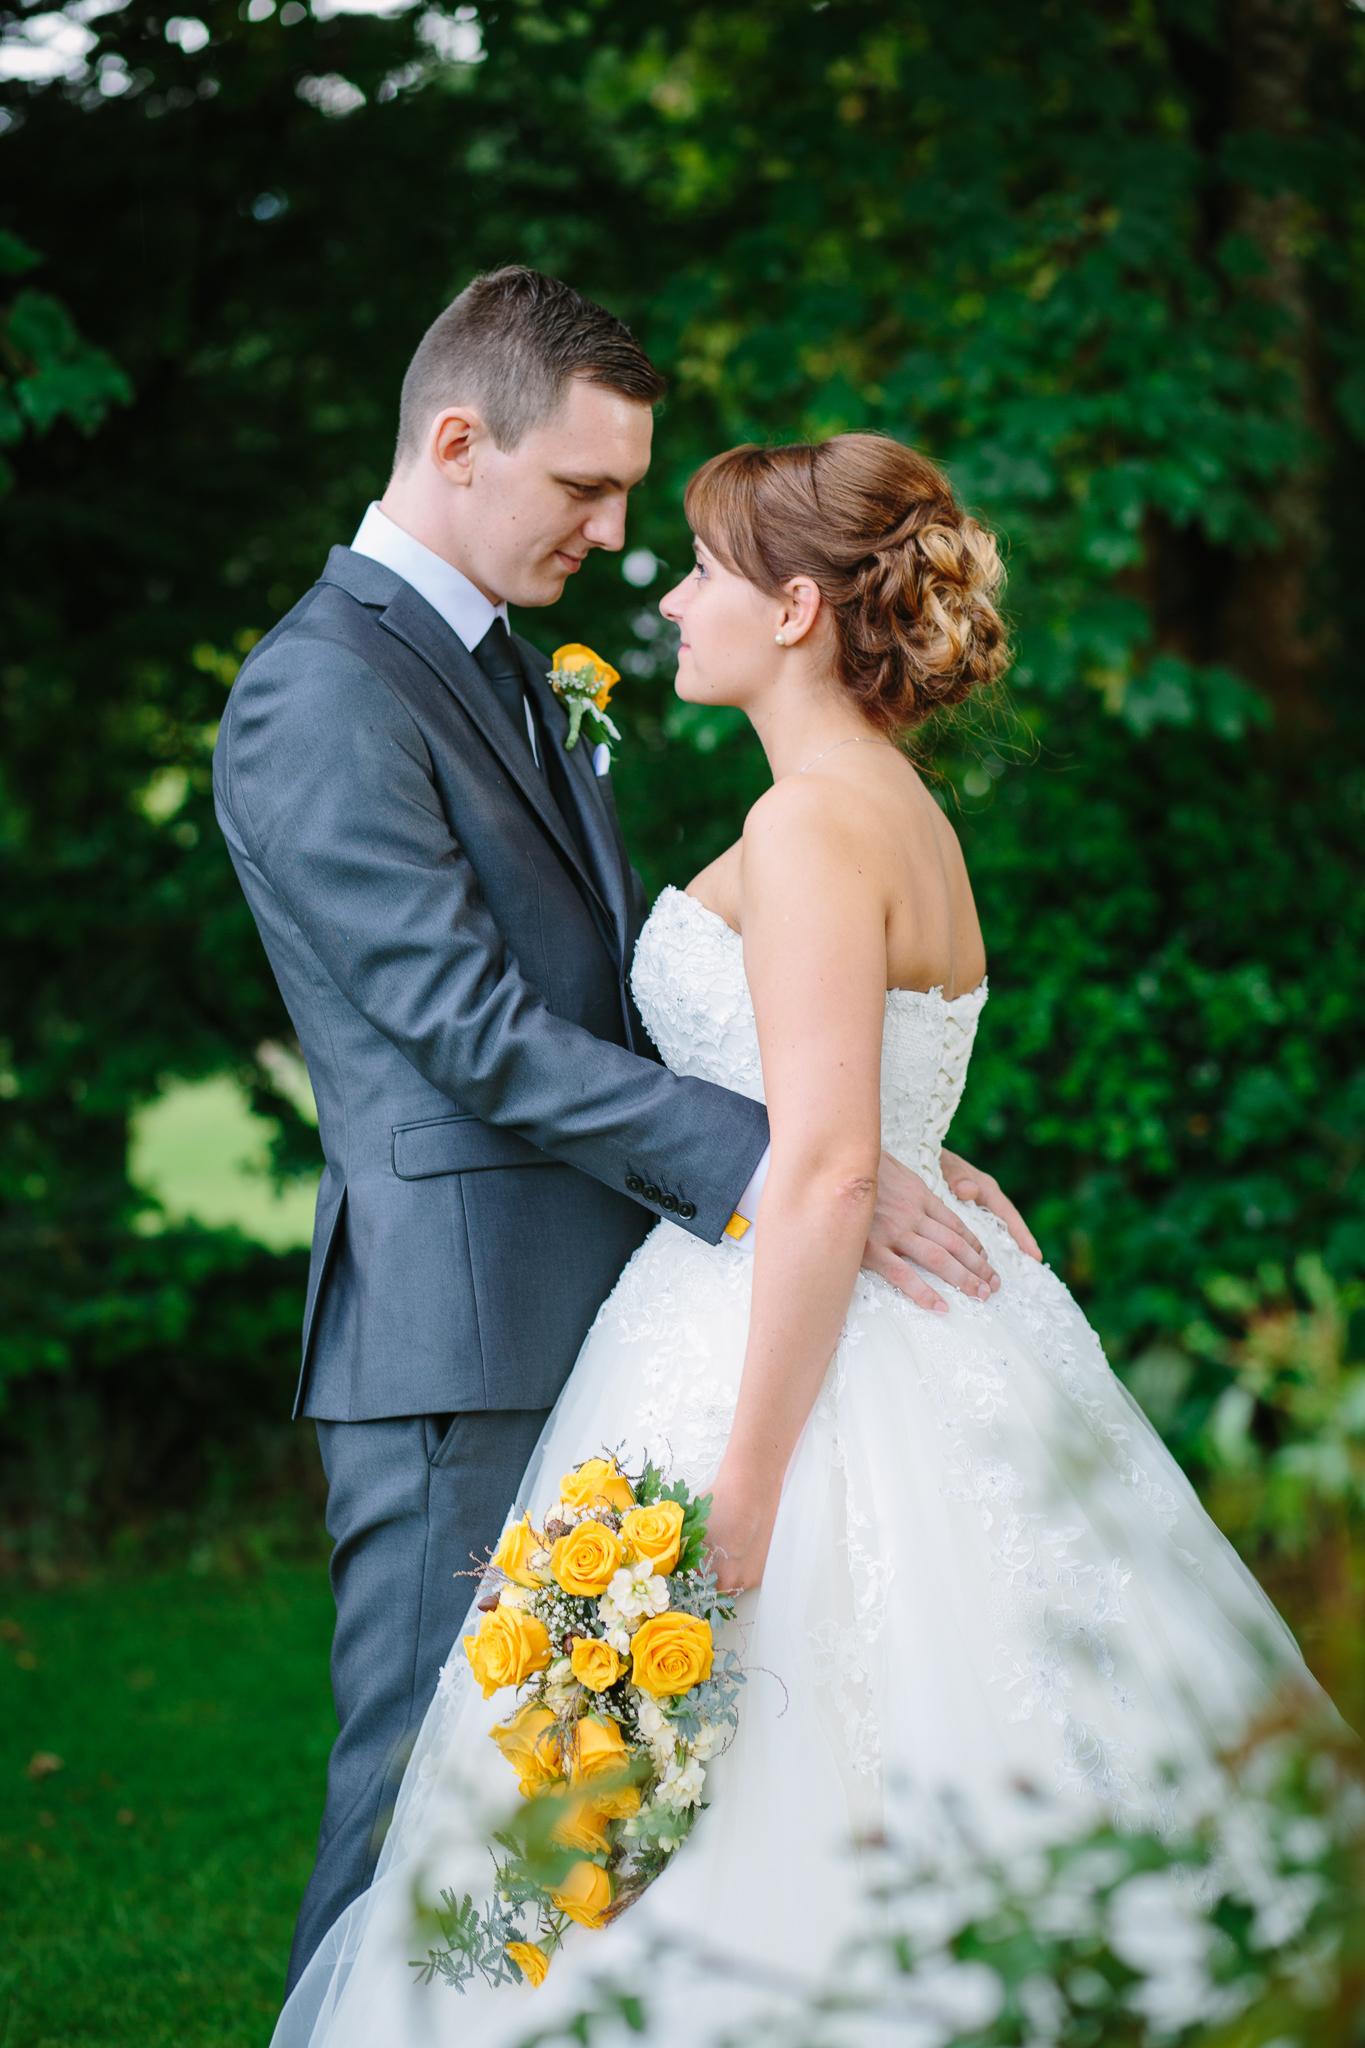 blamer lawn wedding photos